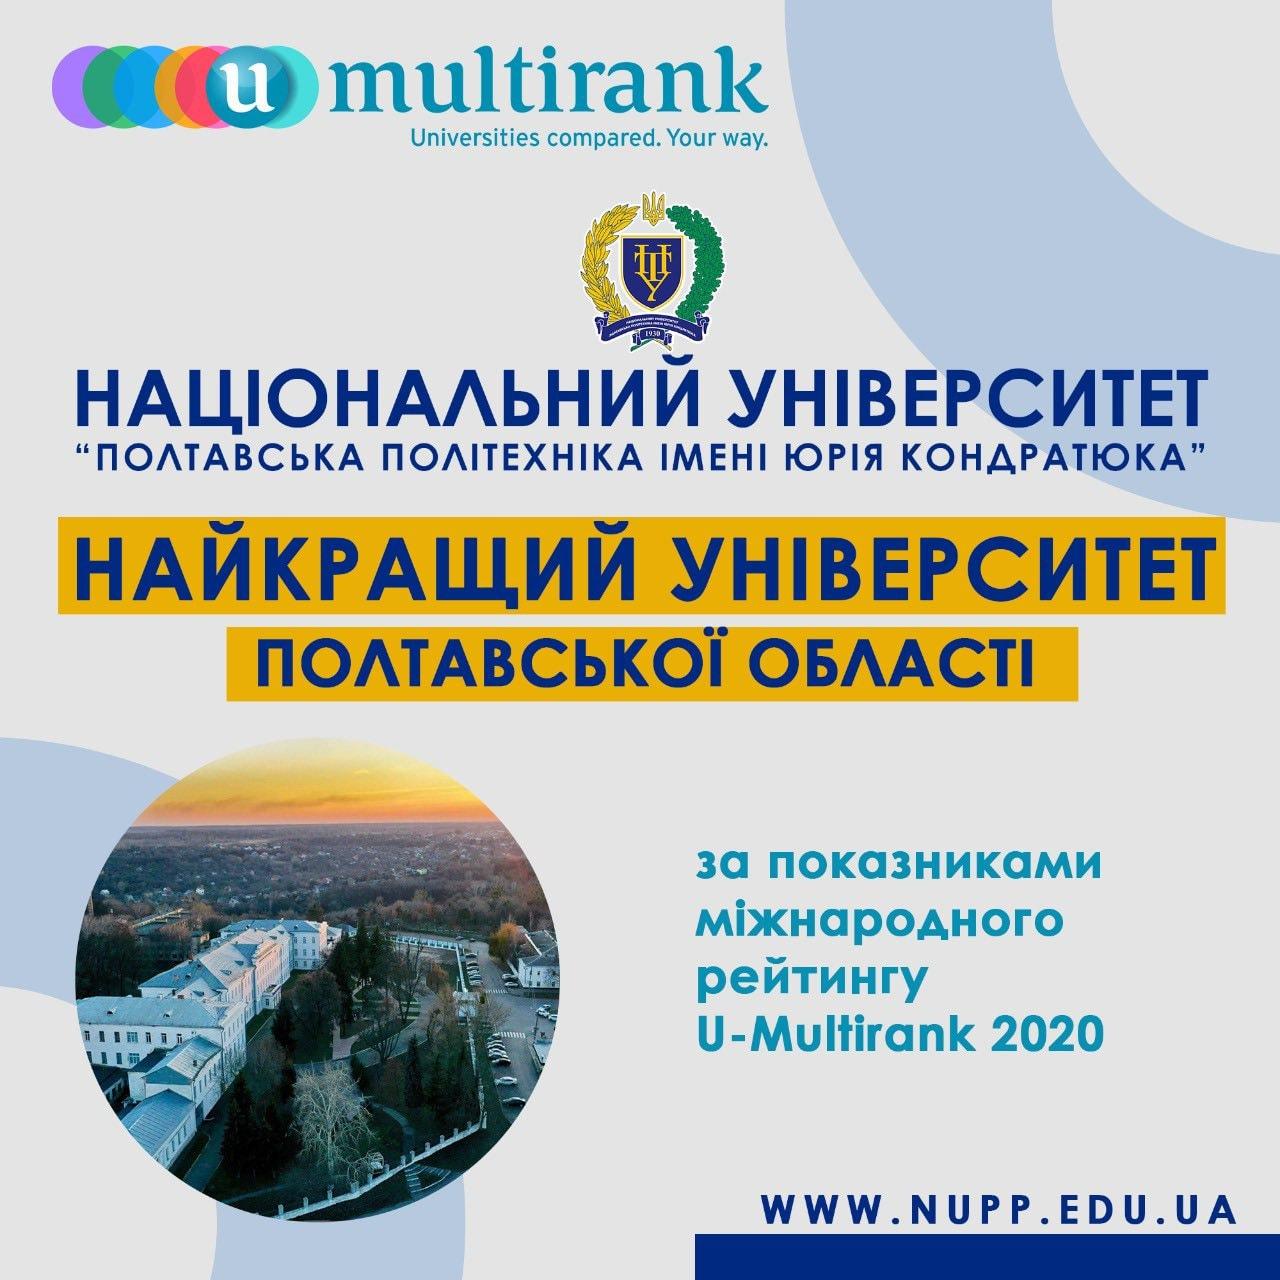 У світовому рейтингу  U-Multirank 2020 політехніка посіла перше місце серед університетів Полтавщини